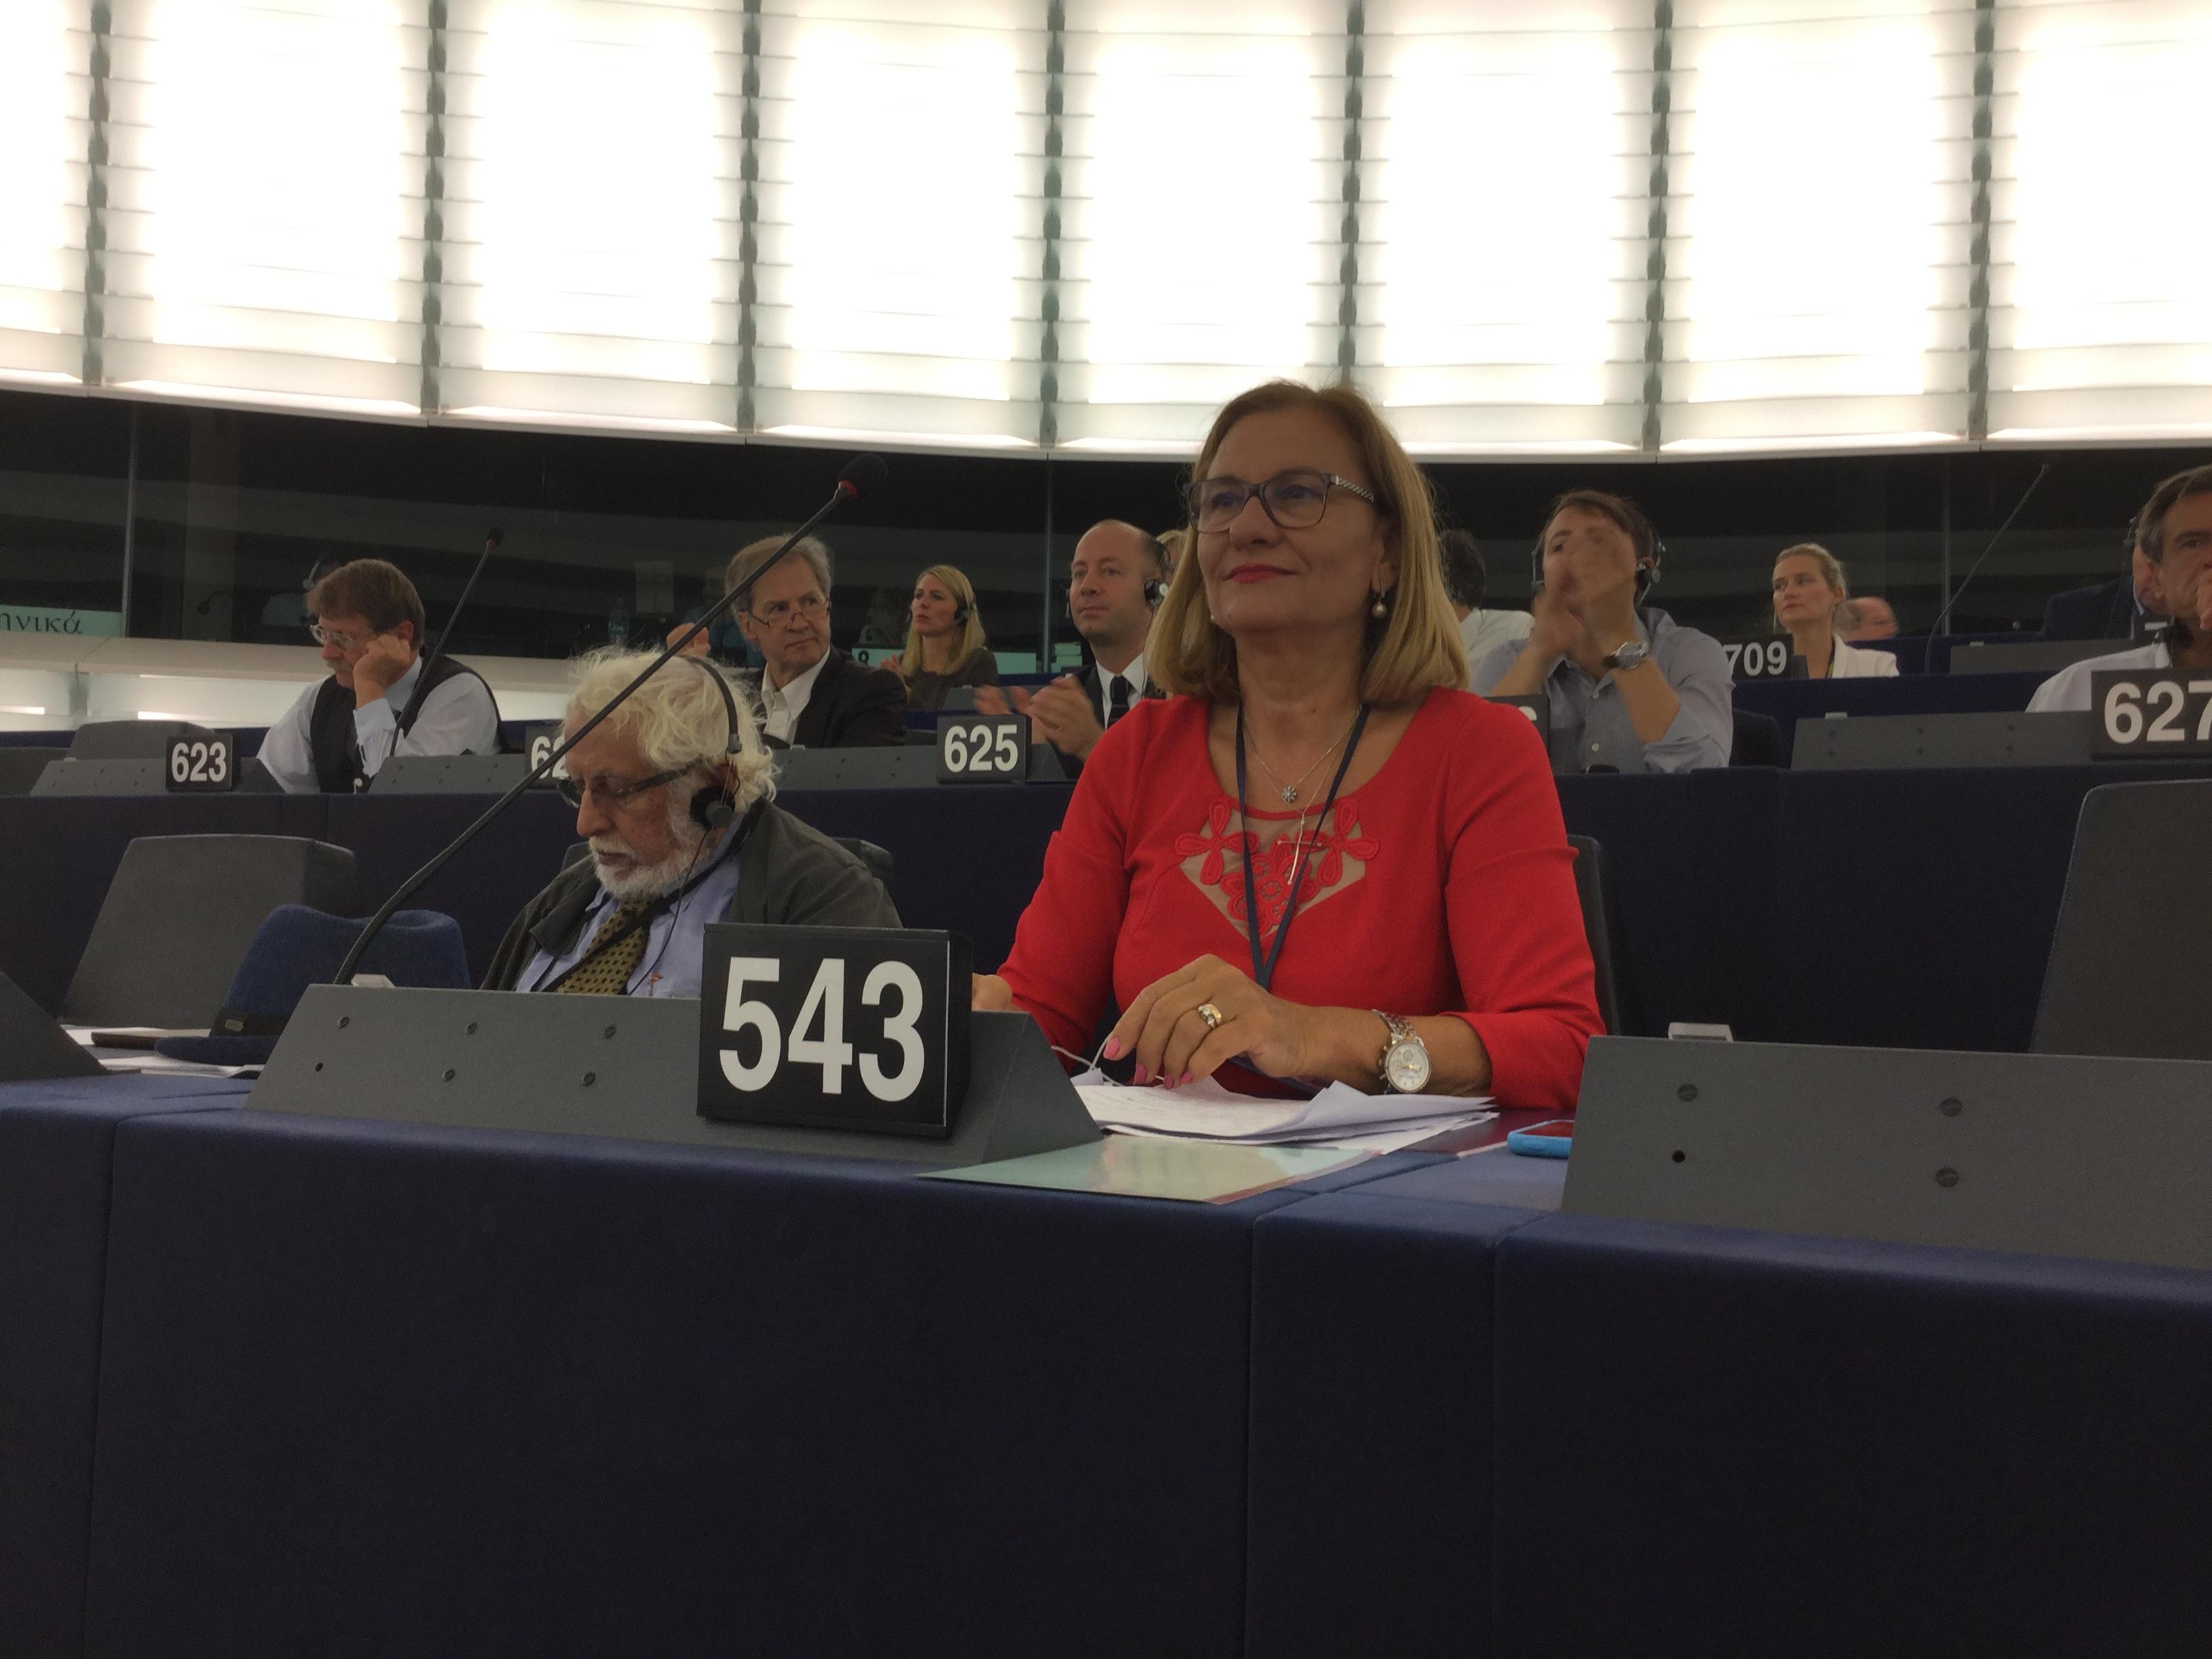 Soarta complexă a Europei, într-o intervenţie a europarlamentarului Maria Grapini